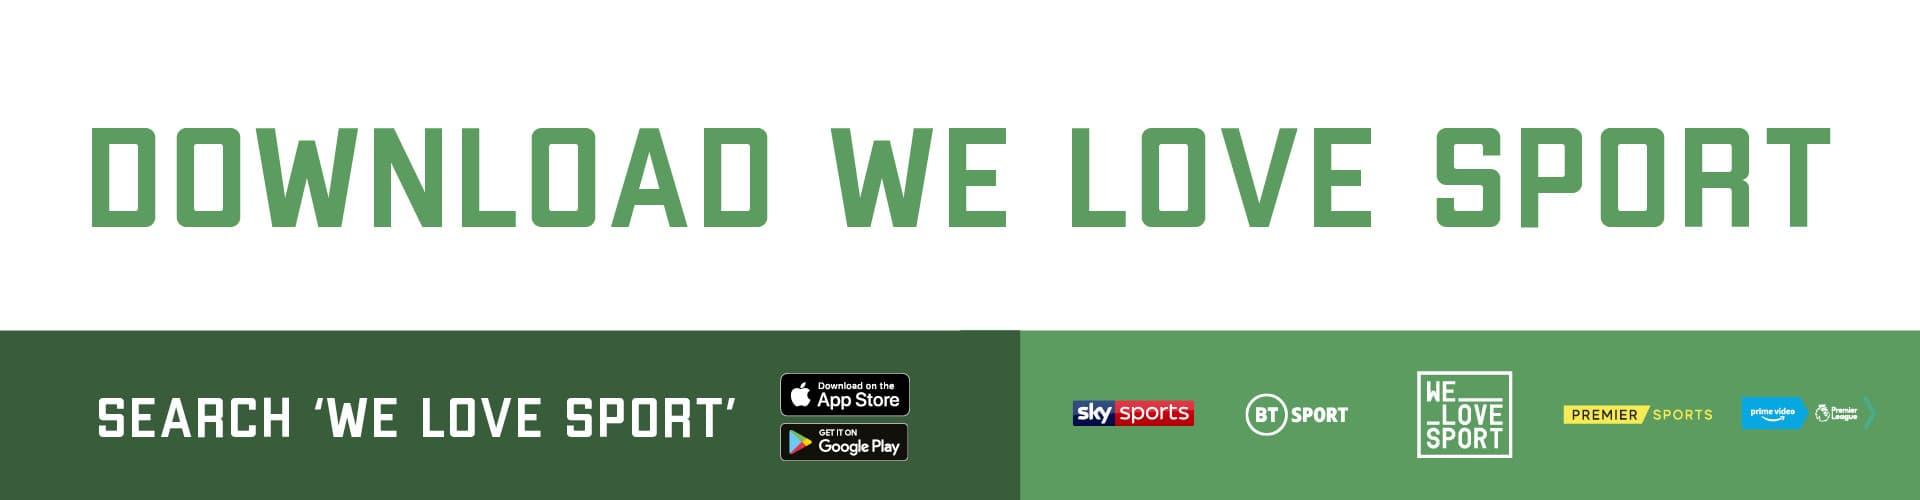 We Love Sport Header Banner